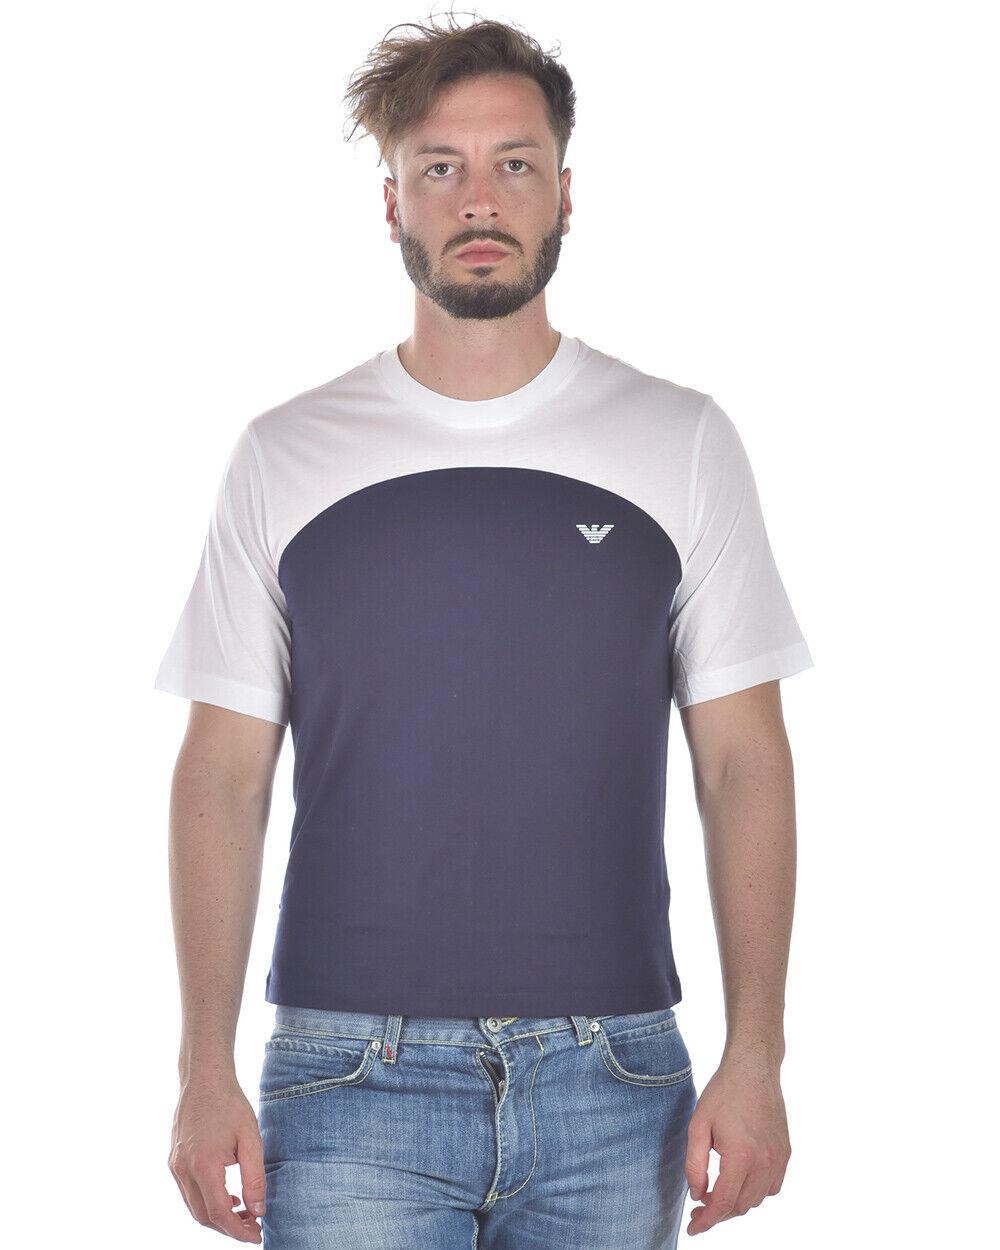 Emporio Armani T hemd schweißhemd Man Blau 3Z1T731JPZZ 922 Sz. XXL PUT OFFER